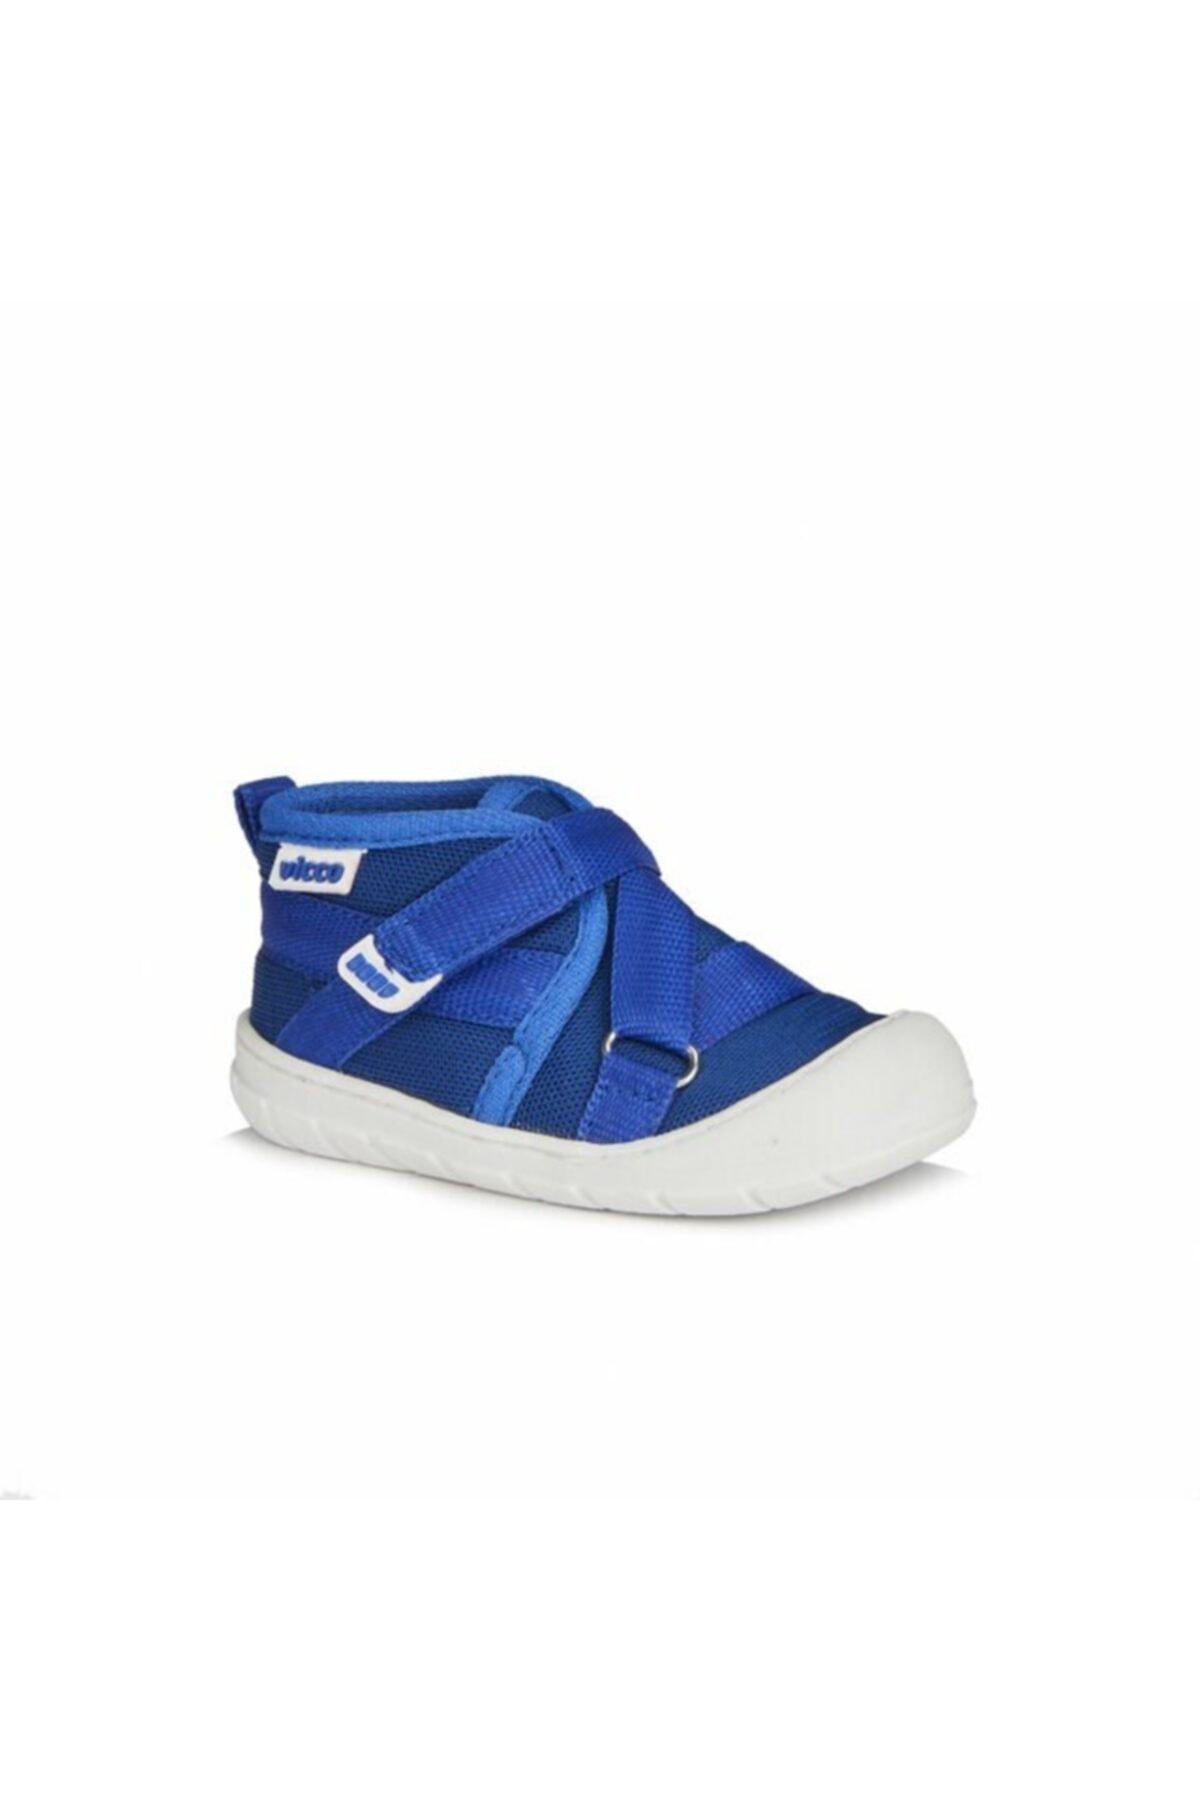 Vicco Erkek Çocuk Ayakkabı 1